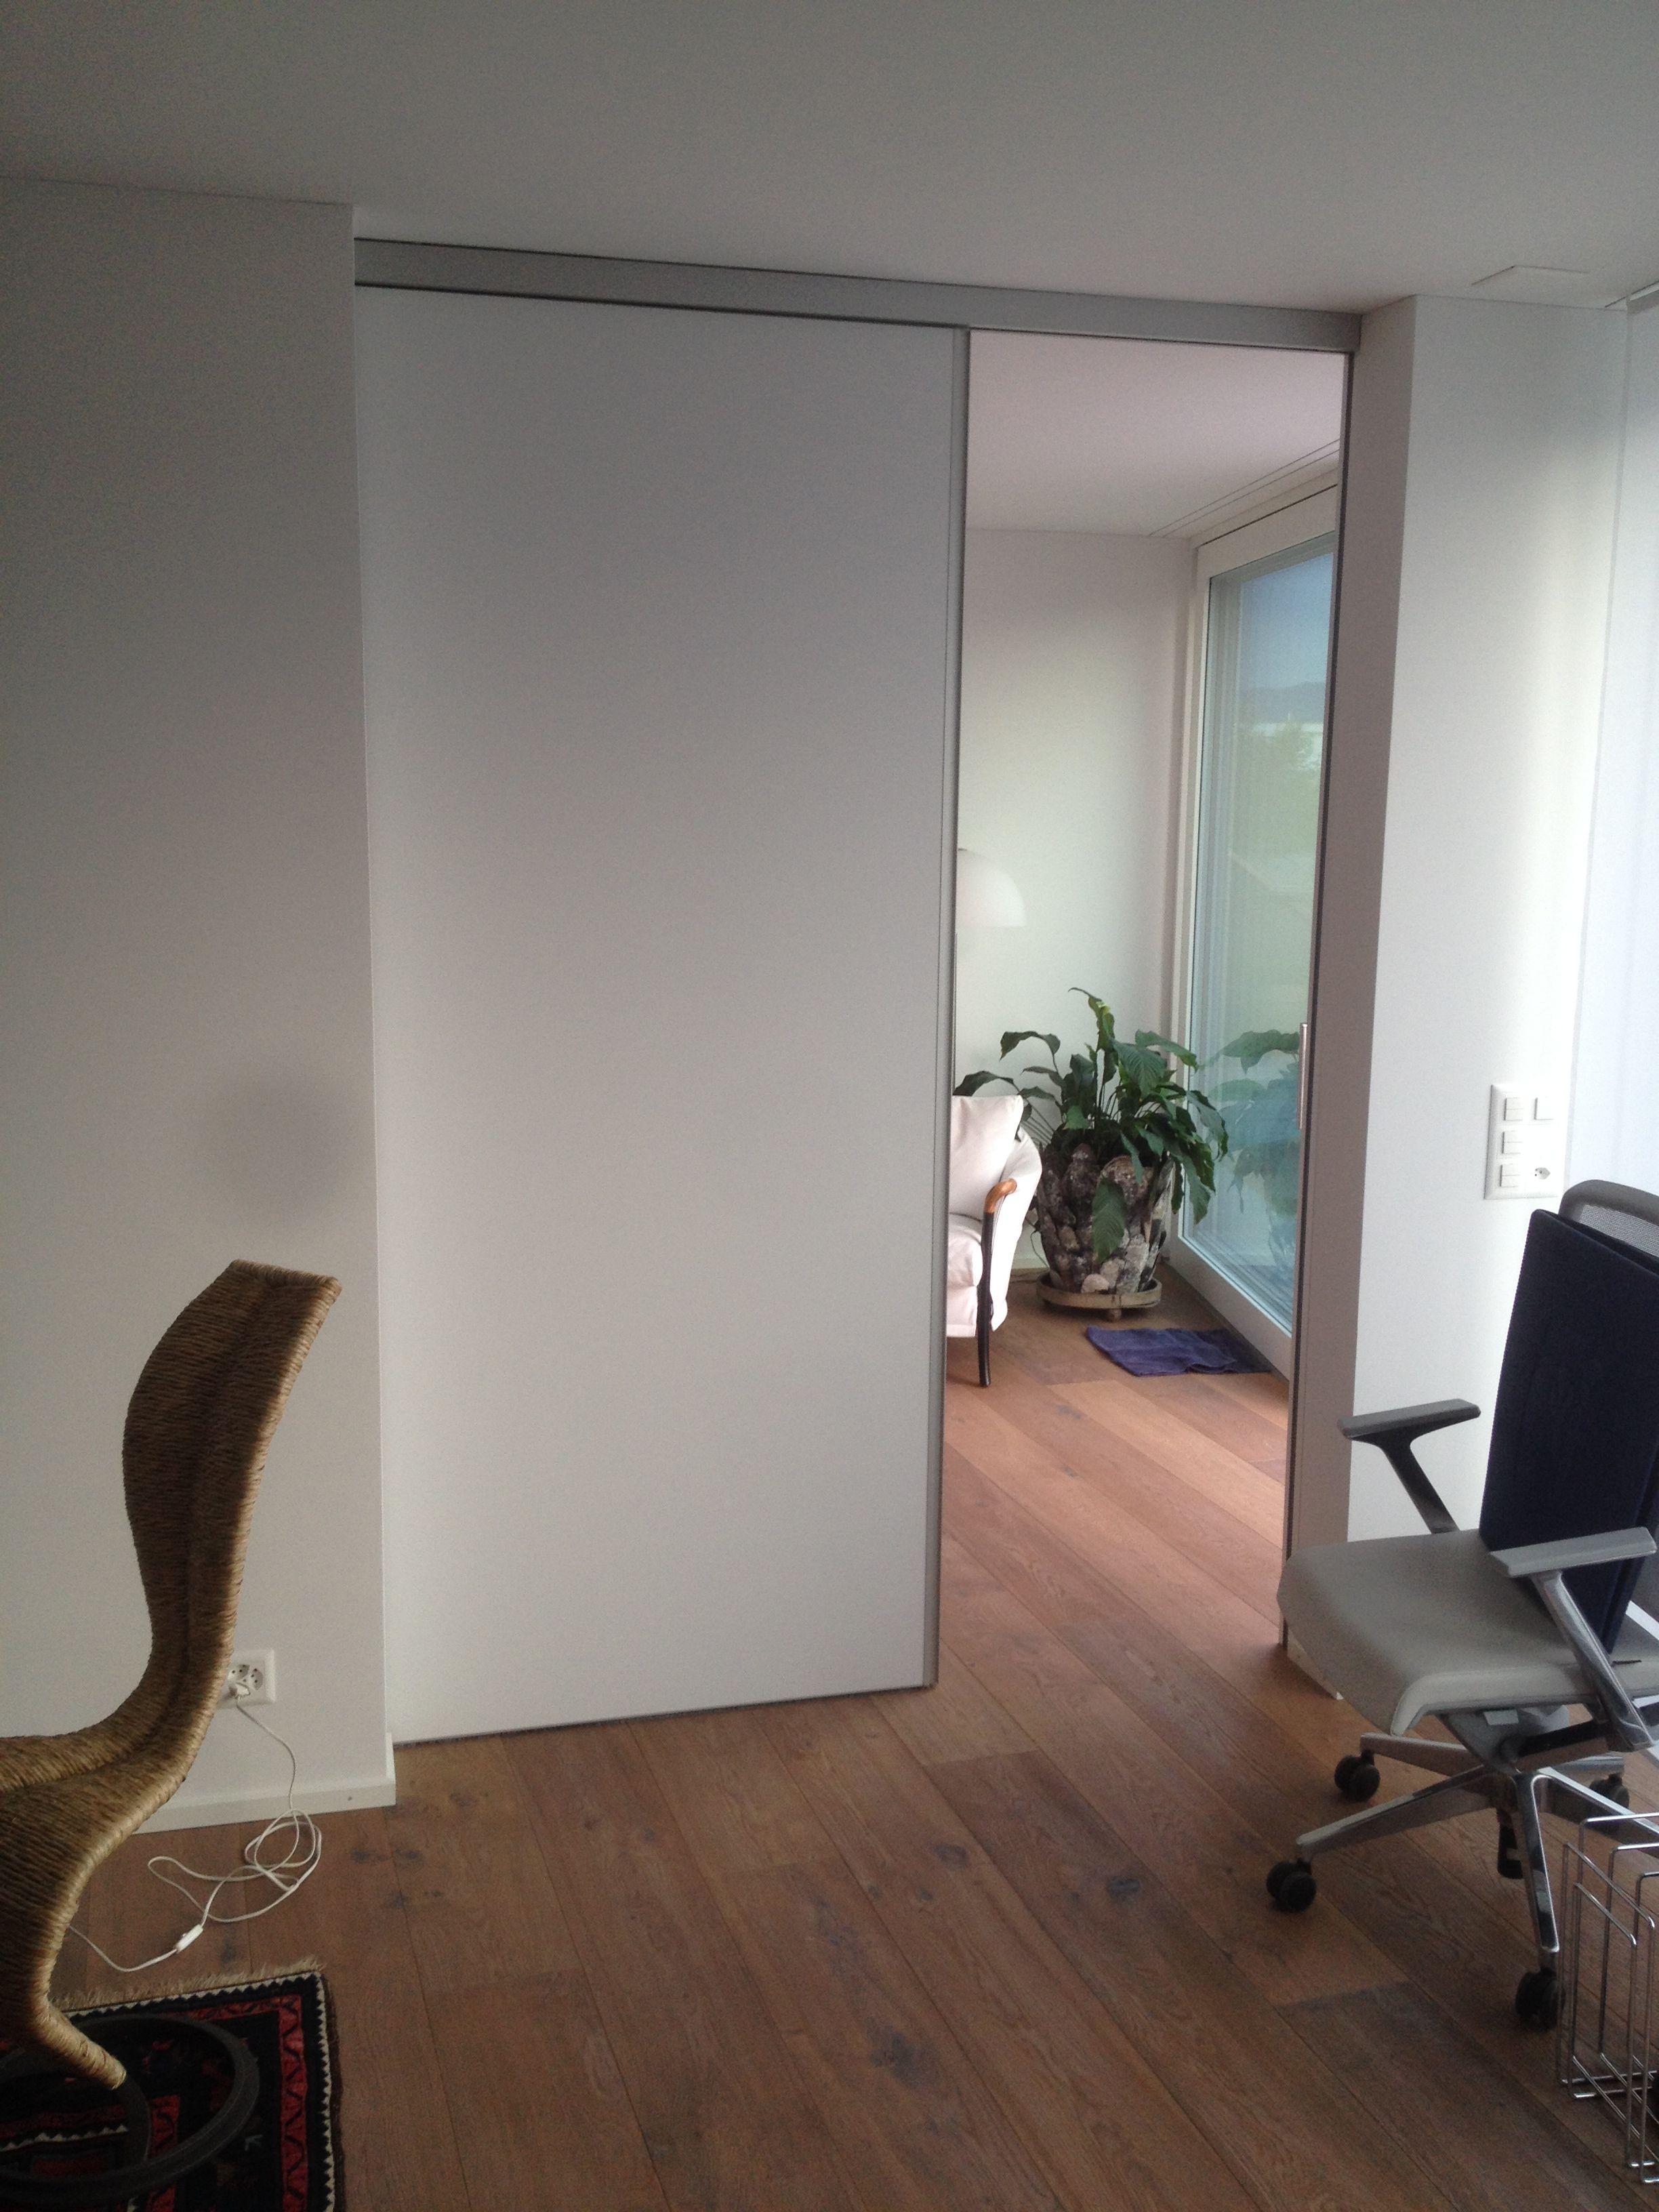 Raumhohe Schiebetür 2,6mx1,8m hxb In WP30 Weiß Lack | Interior ...